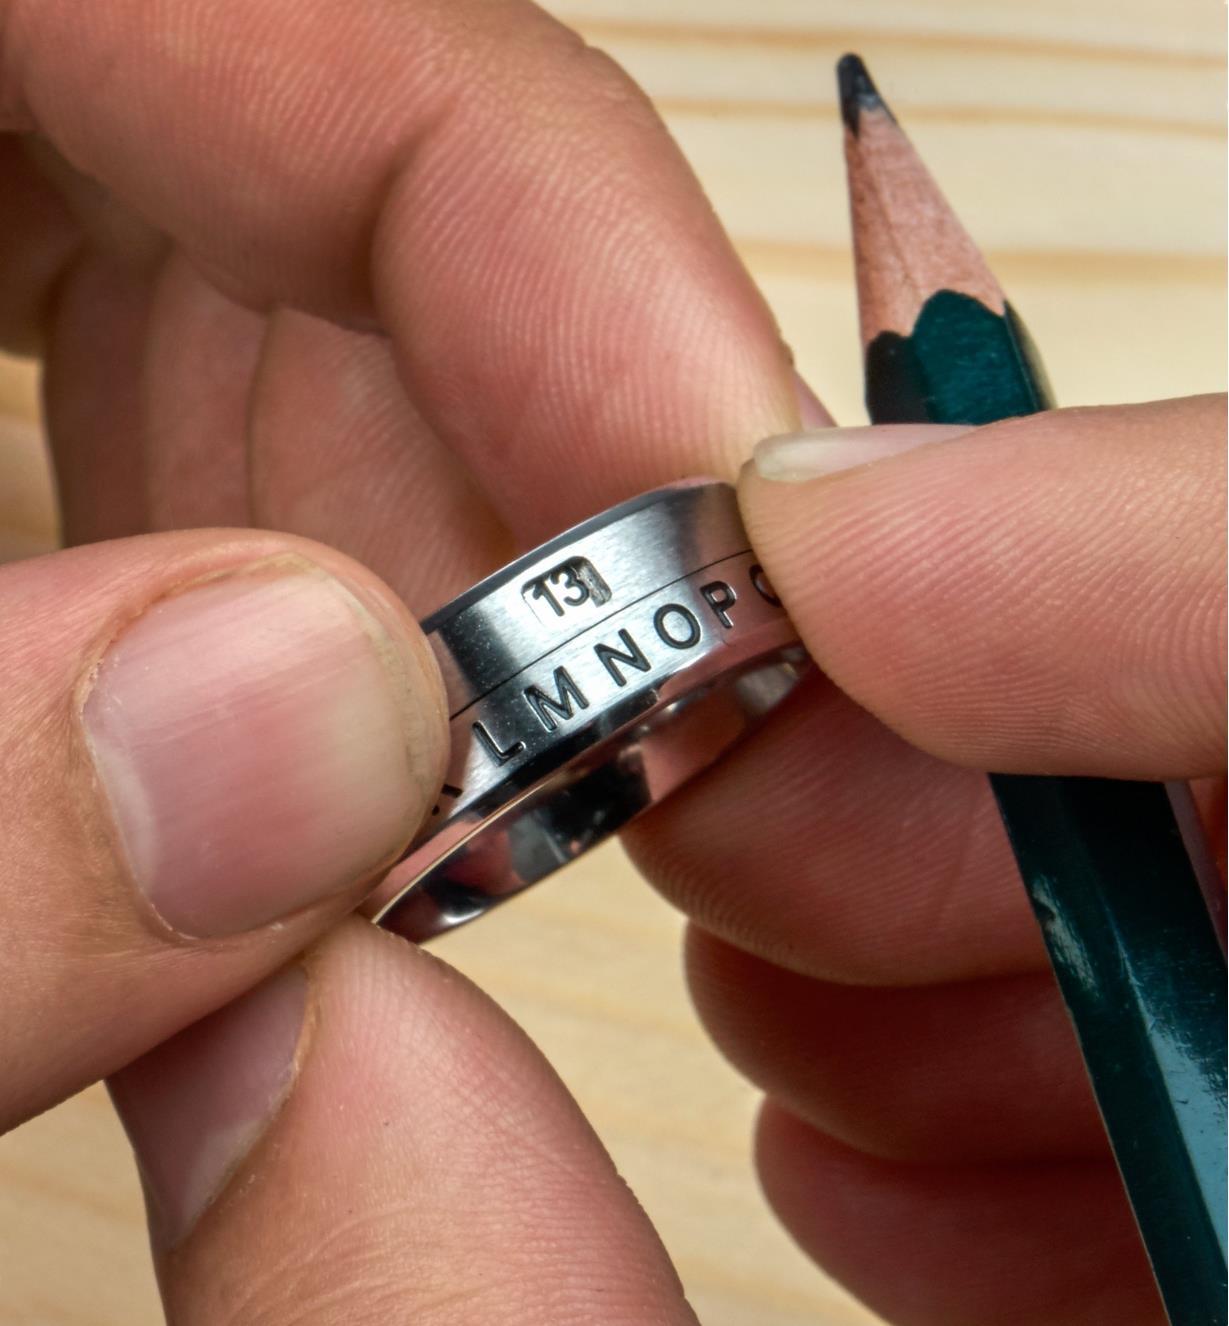 Anneau rotatif d'une bague de décodage tourné pour révéler le numéro associé à une lettre